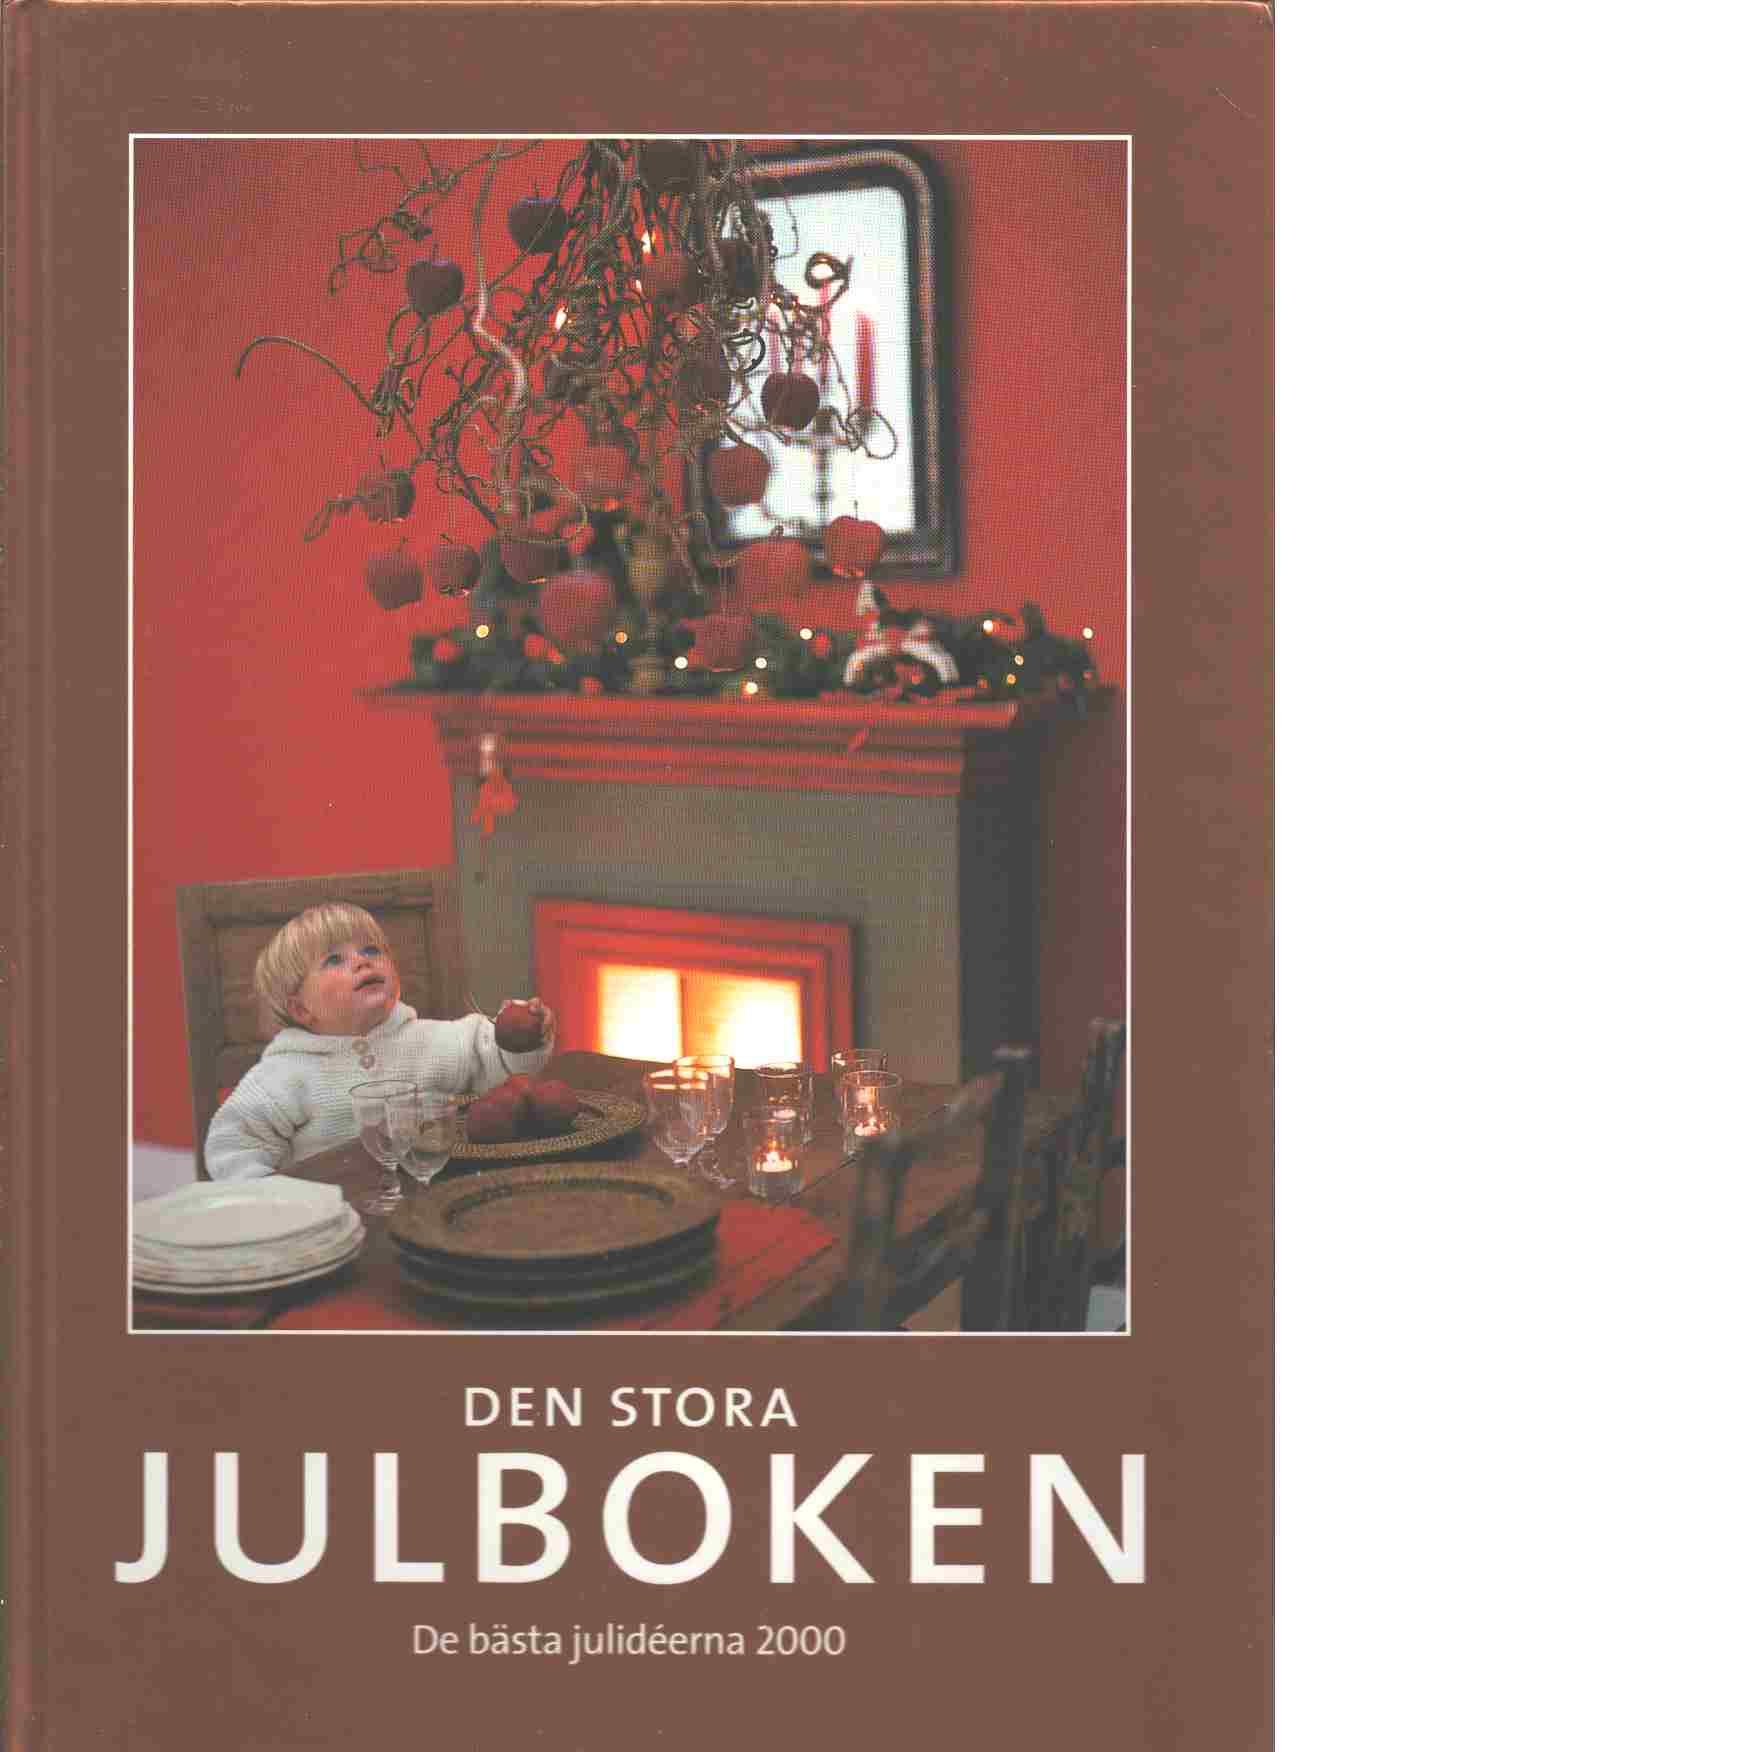 Den stora julboken - De bästa julideerna  2000 - Red.